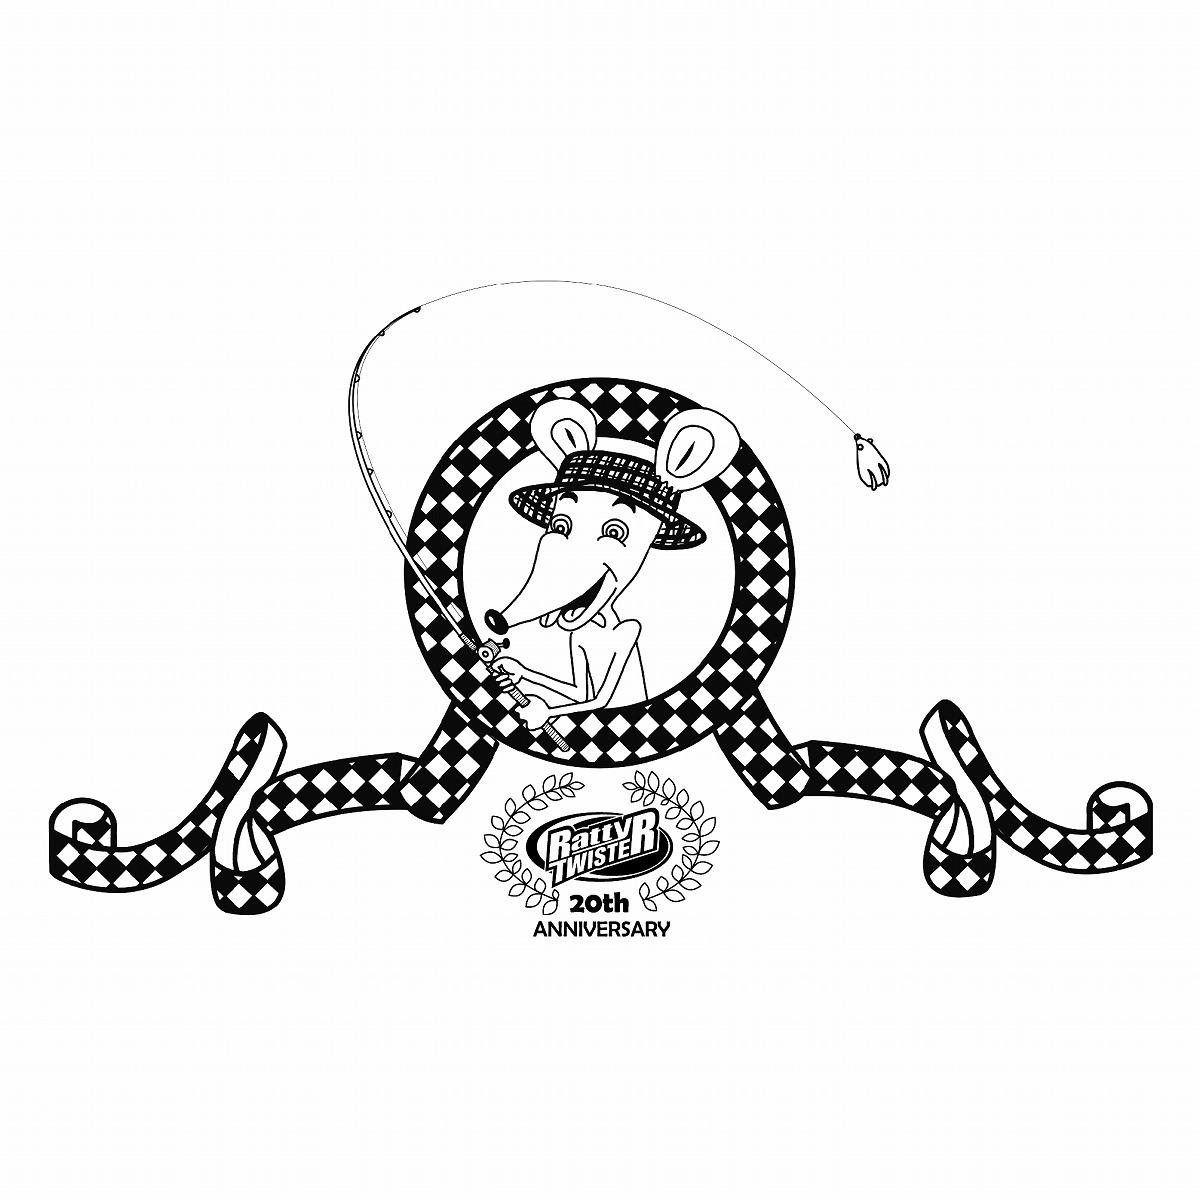 [雷魚][アパレル]Ratty Tee 2020 / Ratty Tote Bag 2020予約開始のご案内。_a0153216_14053938.jpg